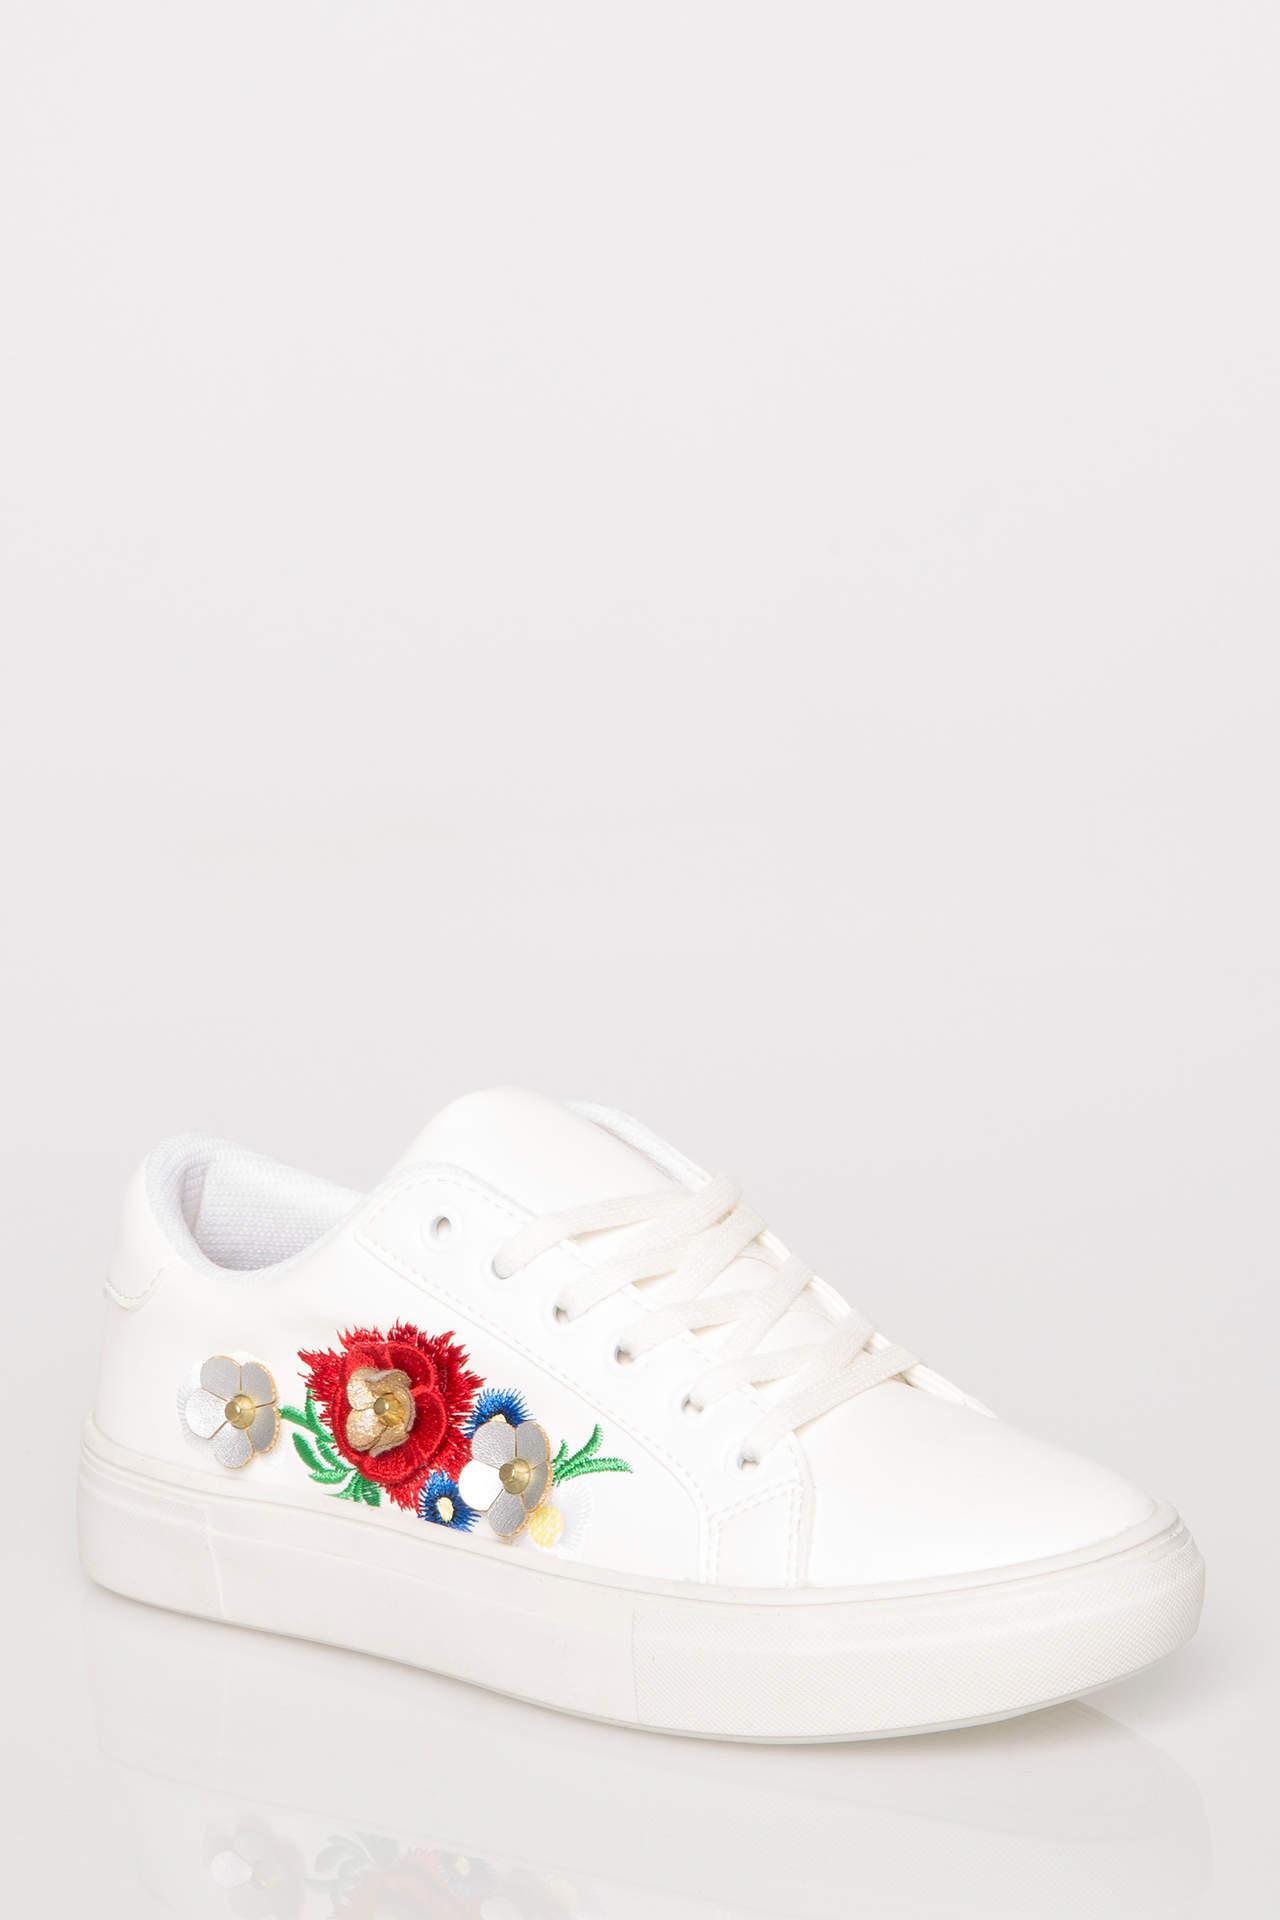 خرید اینترنتی کفش اسپرت دخترانه قرمز برند دفاکتو ( Defacto )